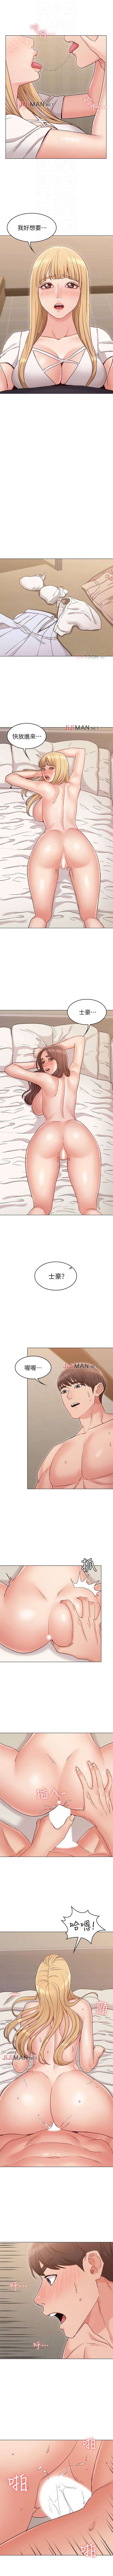 【周六连载】女友的姐姐(作者:橡果人&獵狗) 第1~23话 130